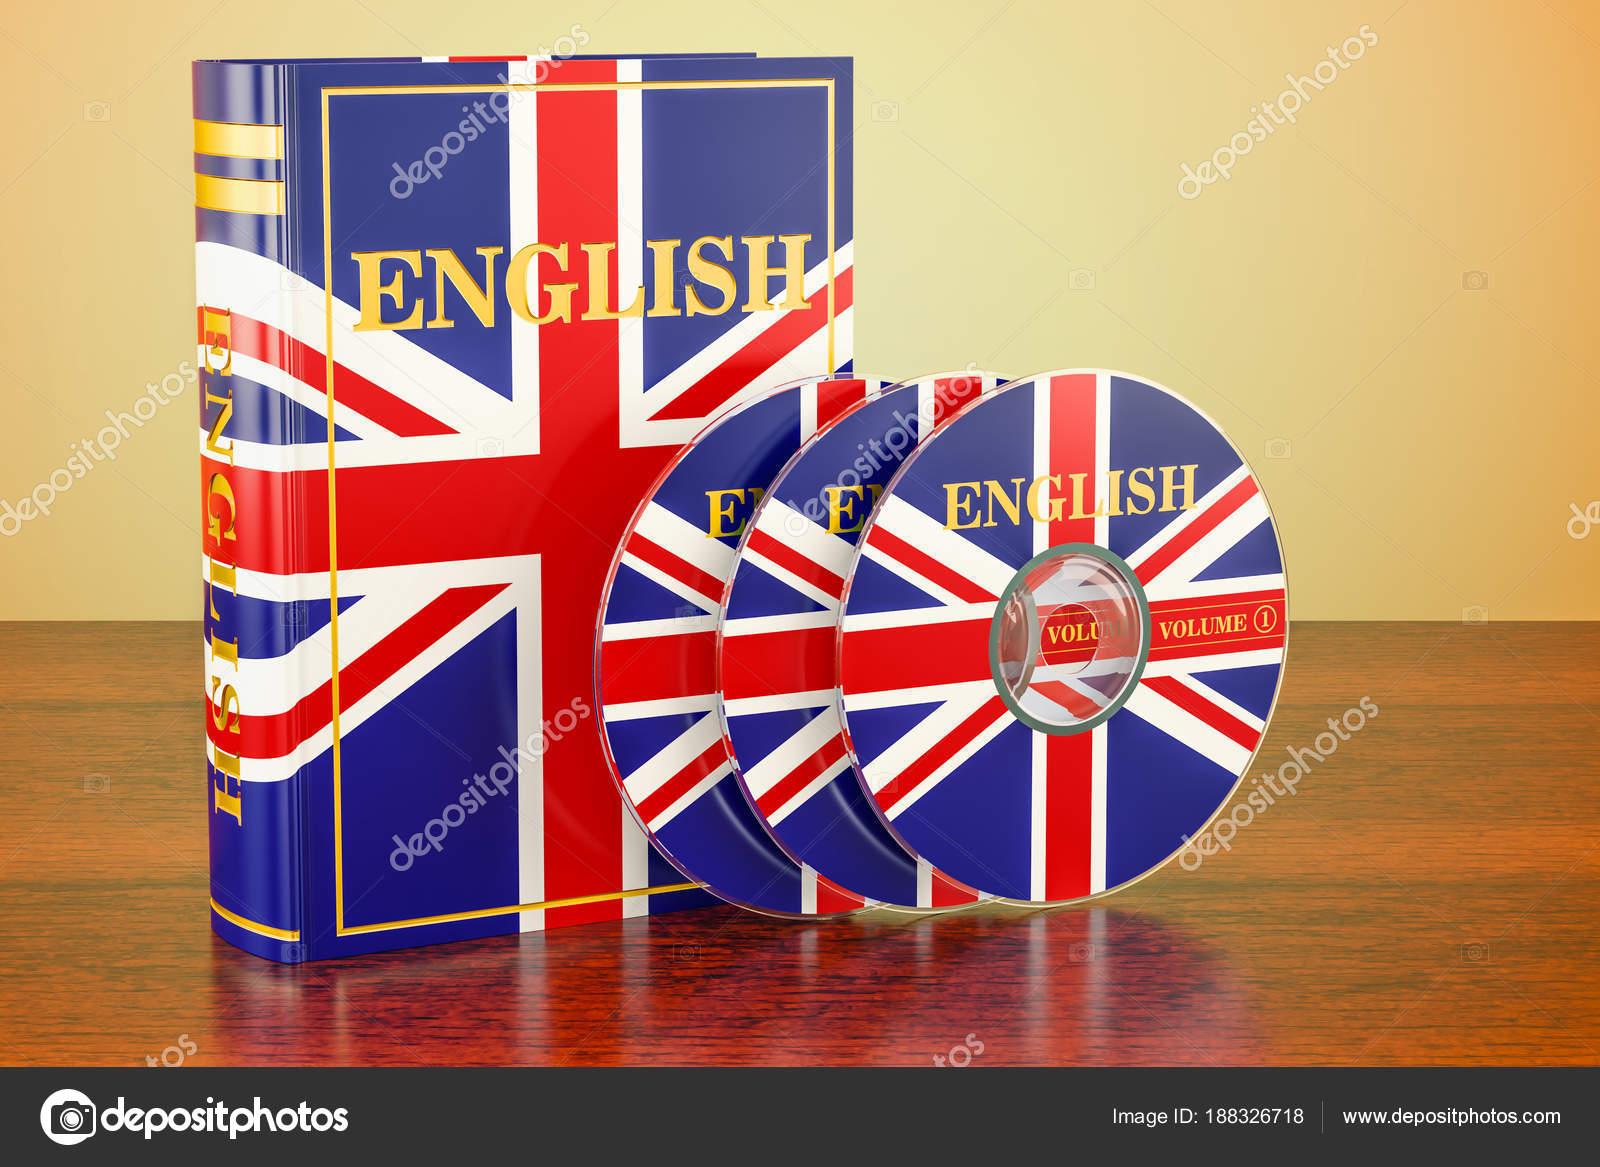 englisches buch mit flagge von großbritannien und cd-discs auf dem